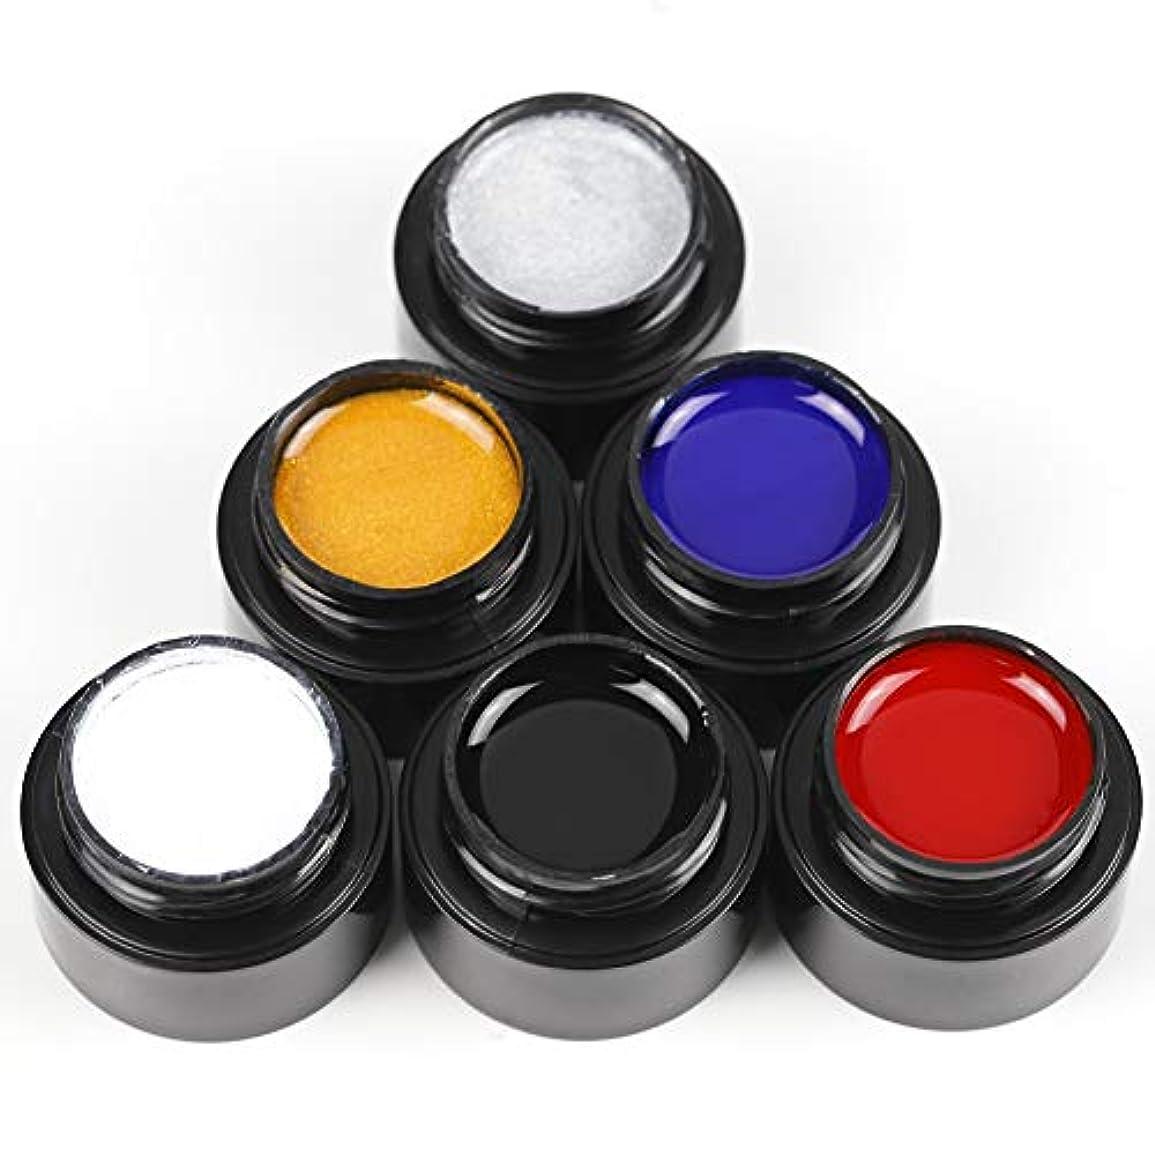 キャベツ娯楽近代化するTwinkle Store ライナージェル 5ml 6ボトルセット 6色入り カラージェル ジェルネイルカラー UV/LED 适用 ネイルアートジェル